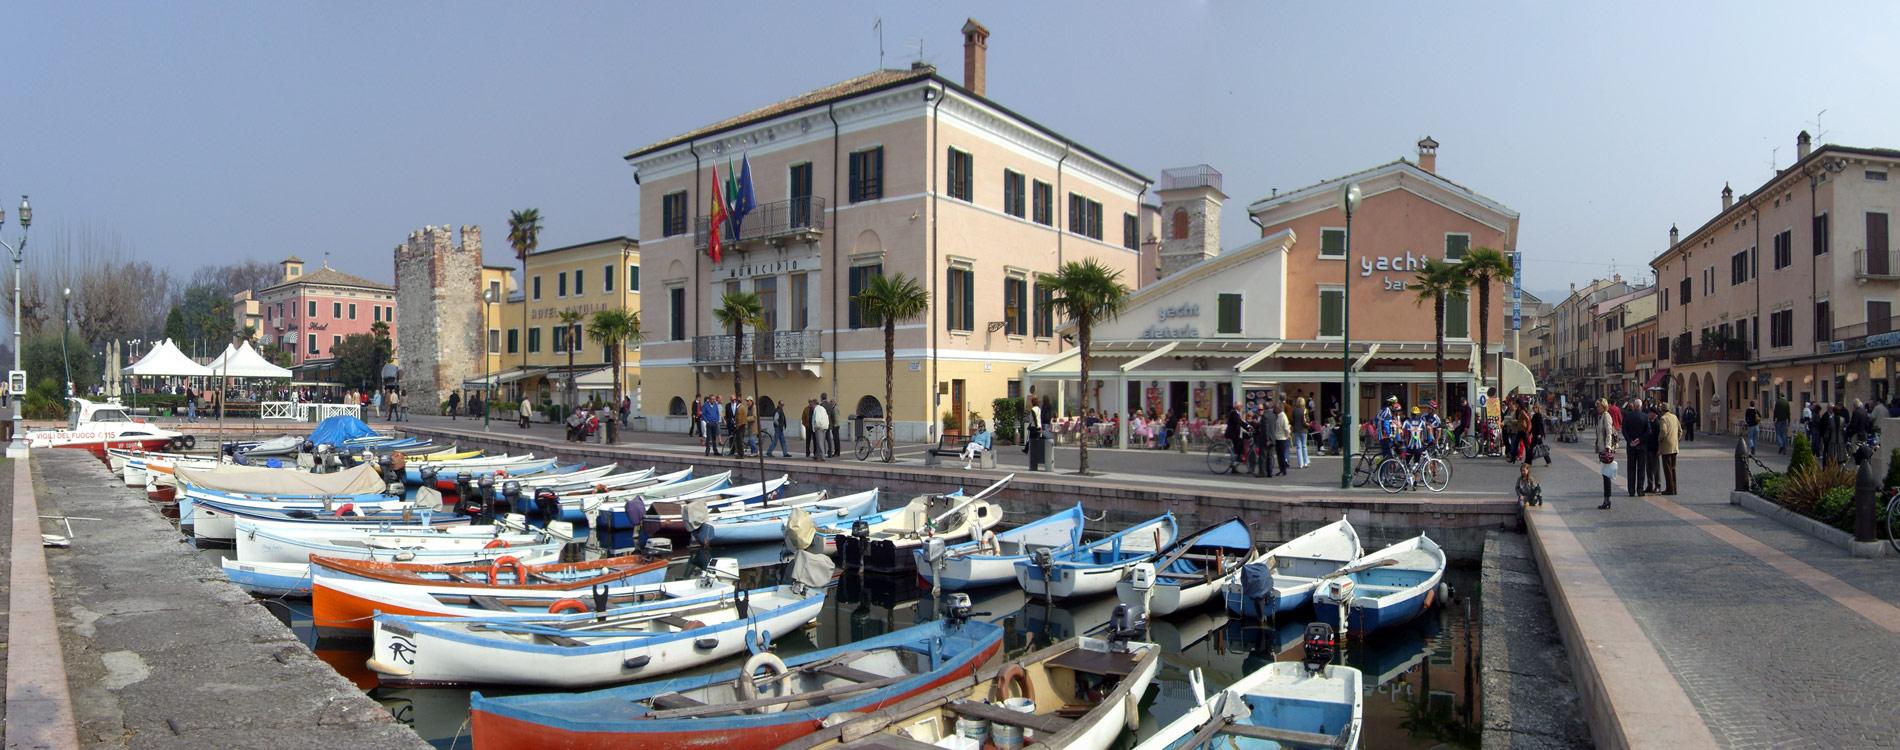 Historische Sehenswurdigkeiten Am Gardasee Kultur